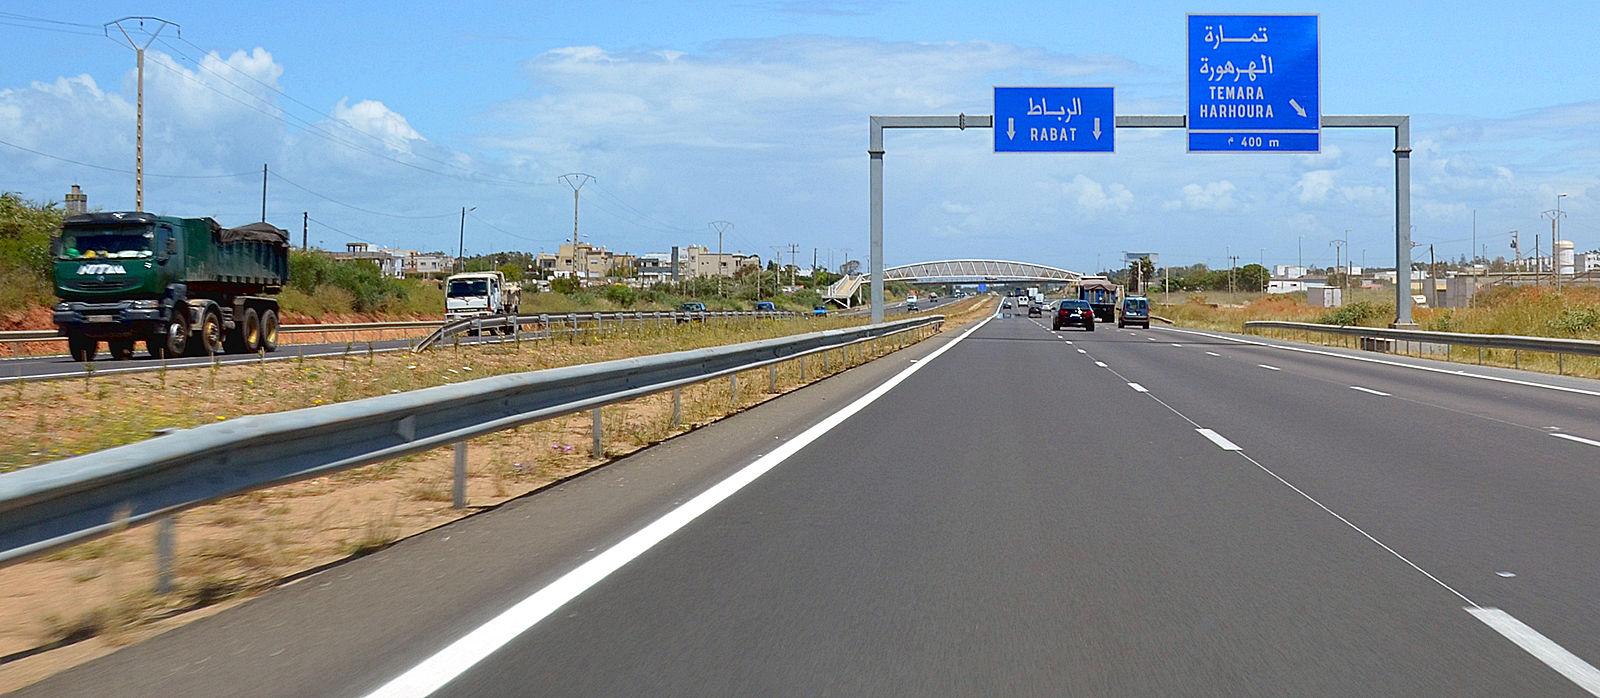 Maroc : L'Europe accorde un prêt de 80 millions d'euros pour la construction d'autoroutes